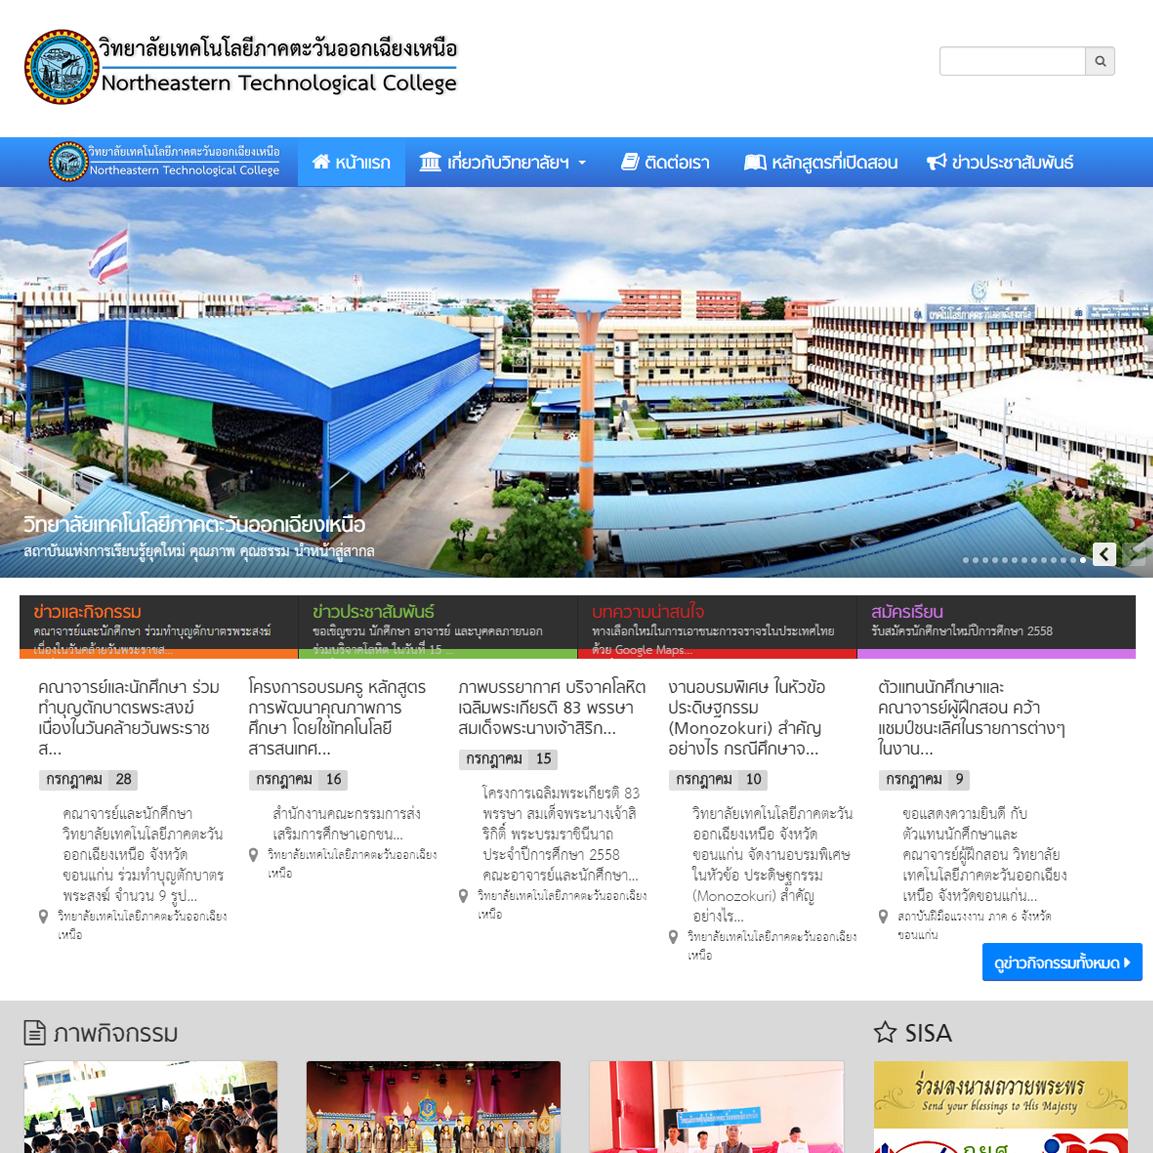 เว็บไซต์ netc.ac.th